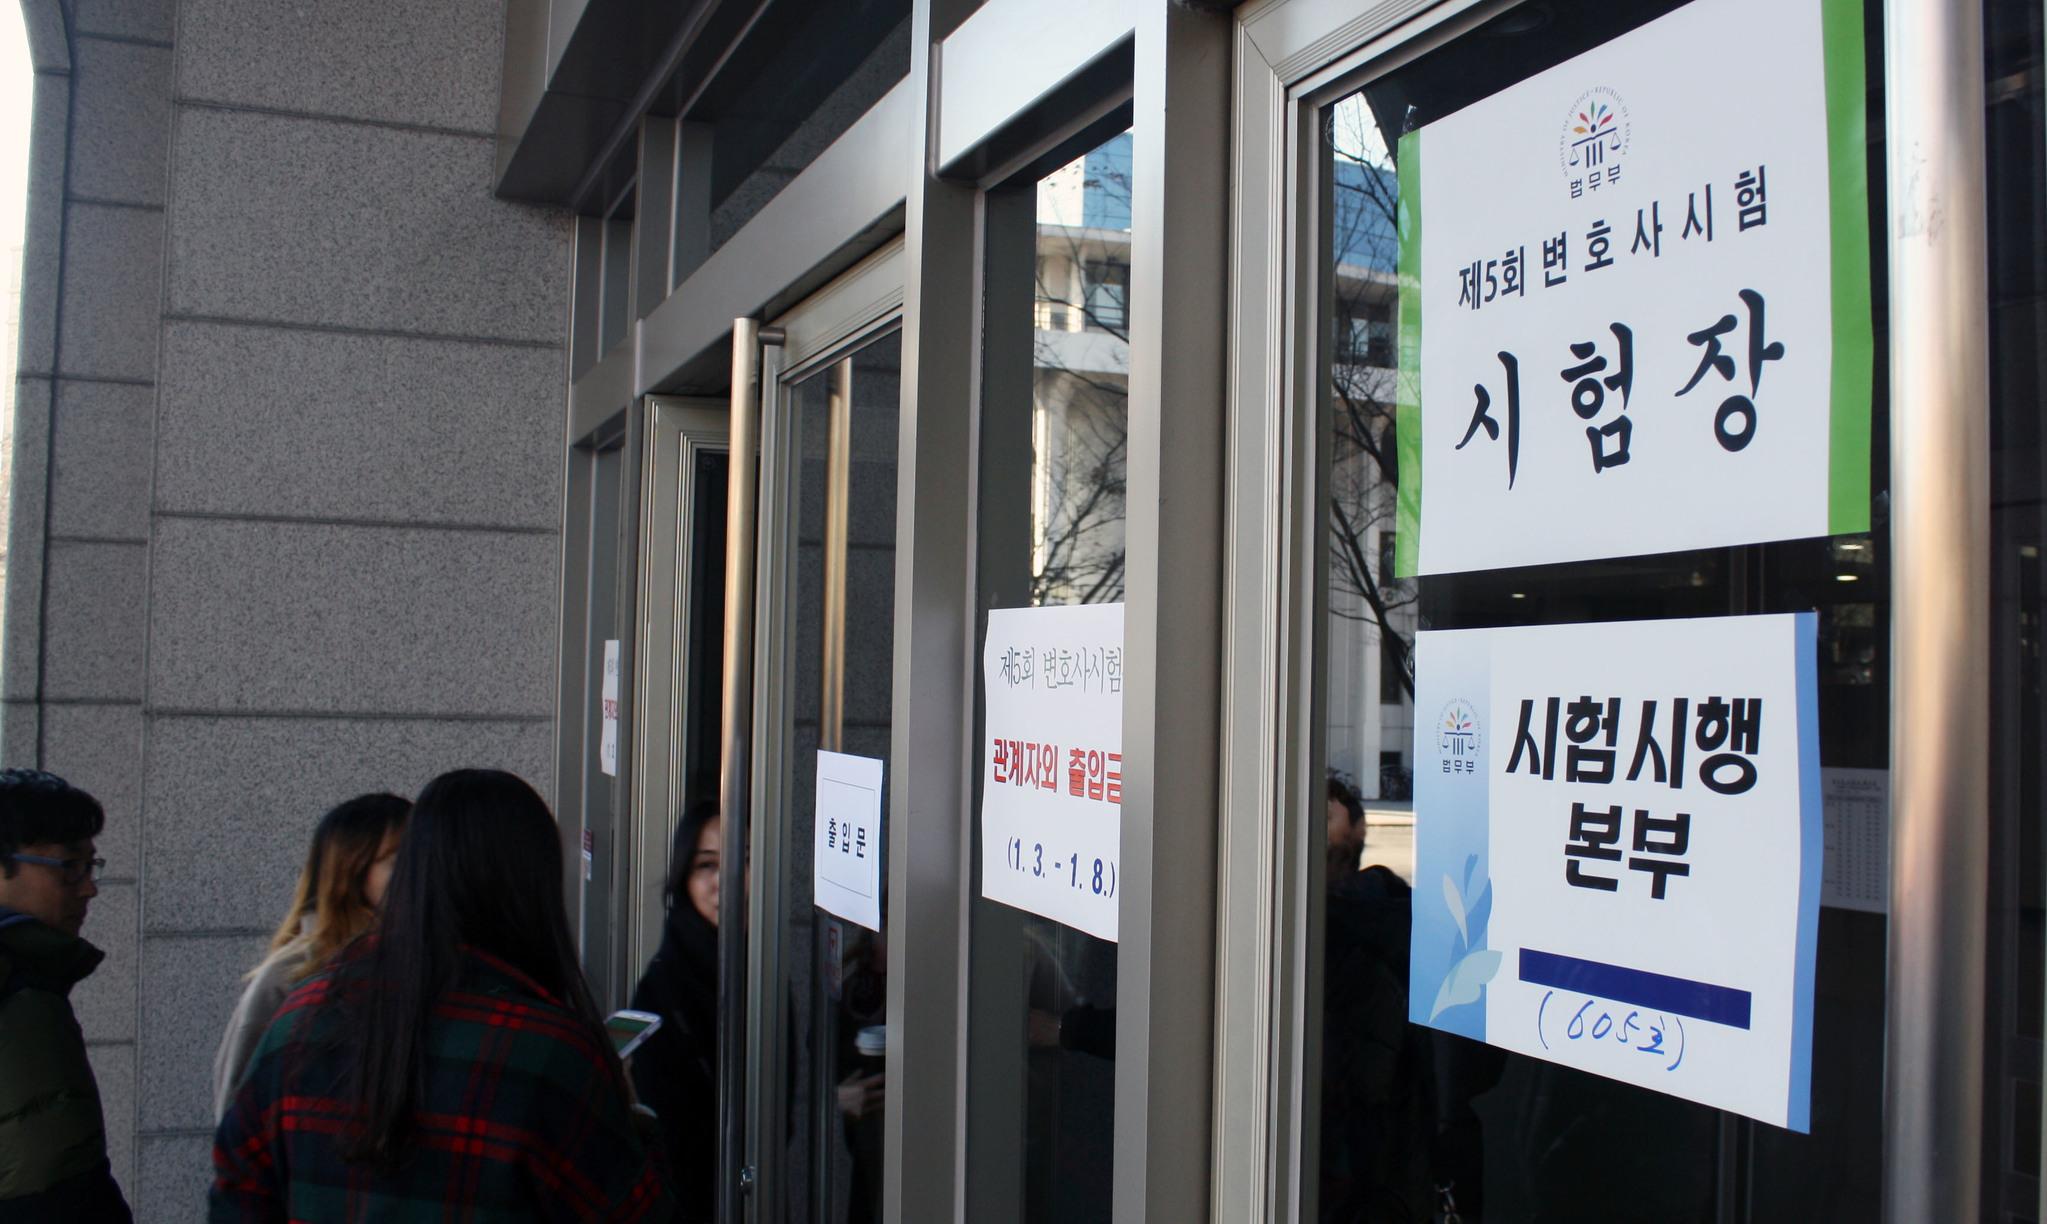 제 5회 변호사 시험장 모습. 중앙포토